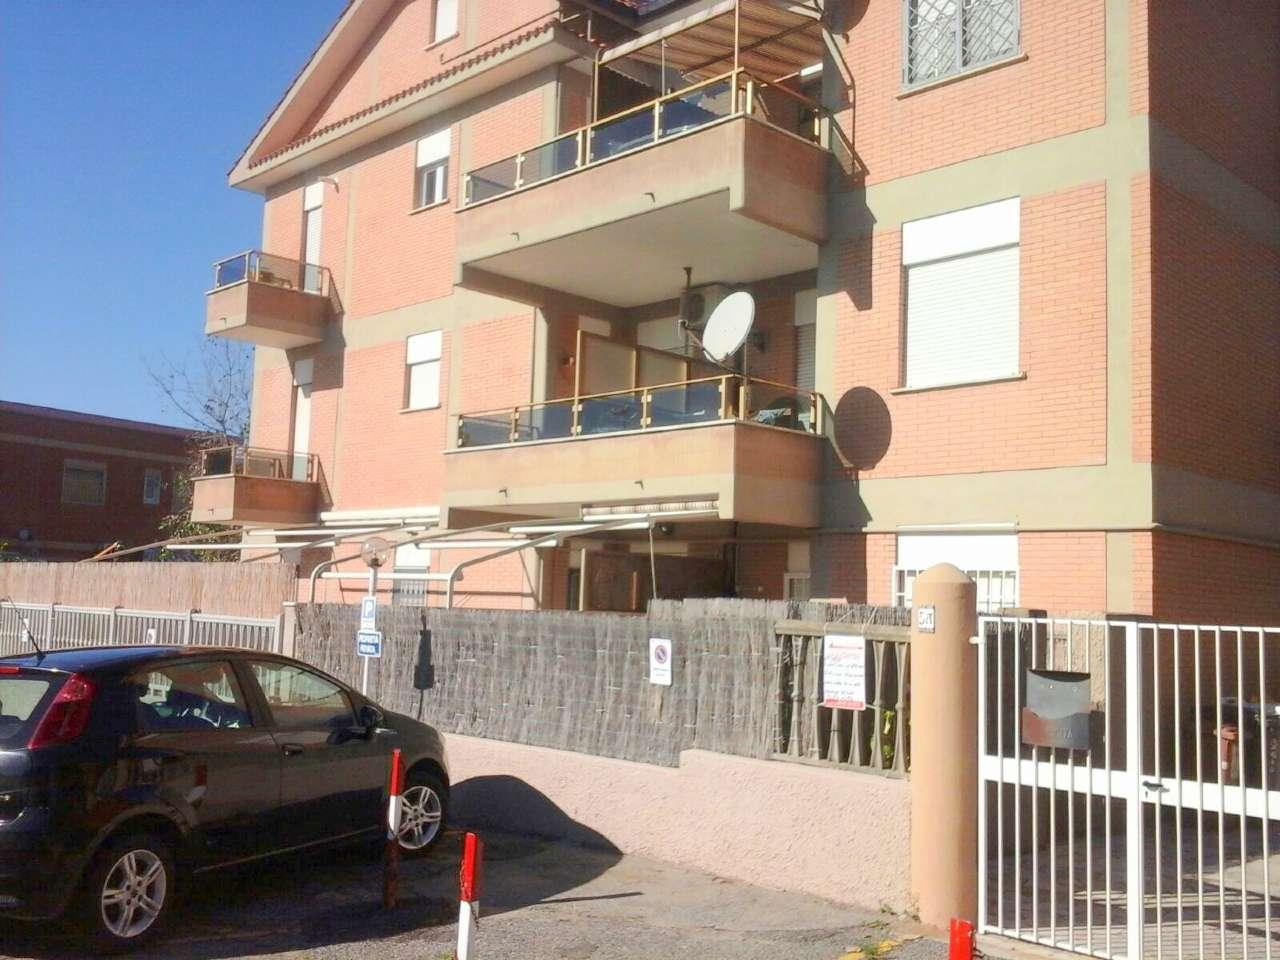 Appartamento in vendita a Pomezia, 2 locali, prezzo € 92.000 | PortaleAgenzieImmobiliari.it